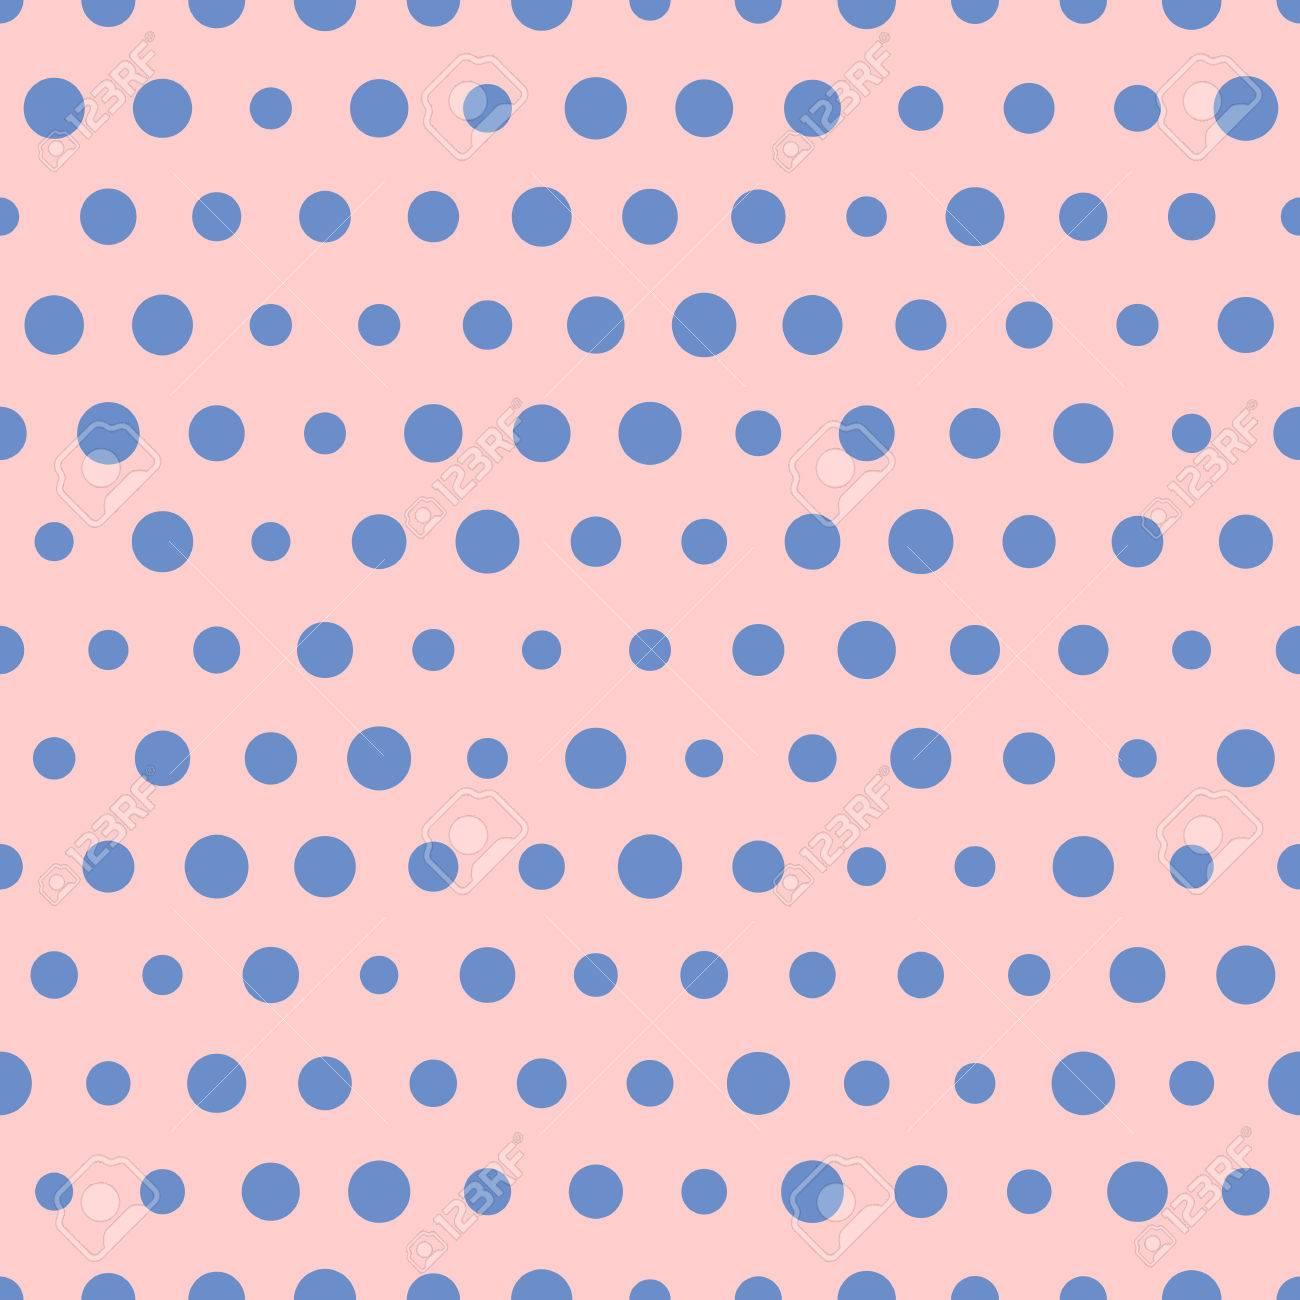 Sezione - Tara & simili > - Pagina 2 58789150-vettore-modello-casuale-di-grandi-e-piccoli-puntini-blu-polka-su-sfondo-rosa-pois-senza-soluzione-di-Archivio-Fotografico